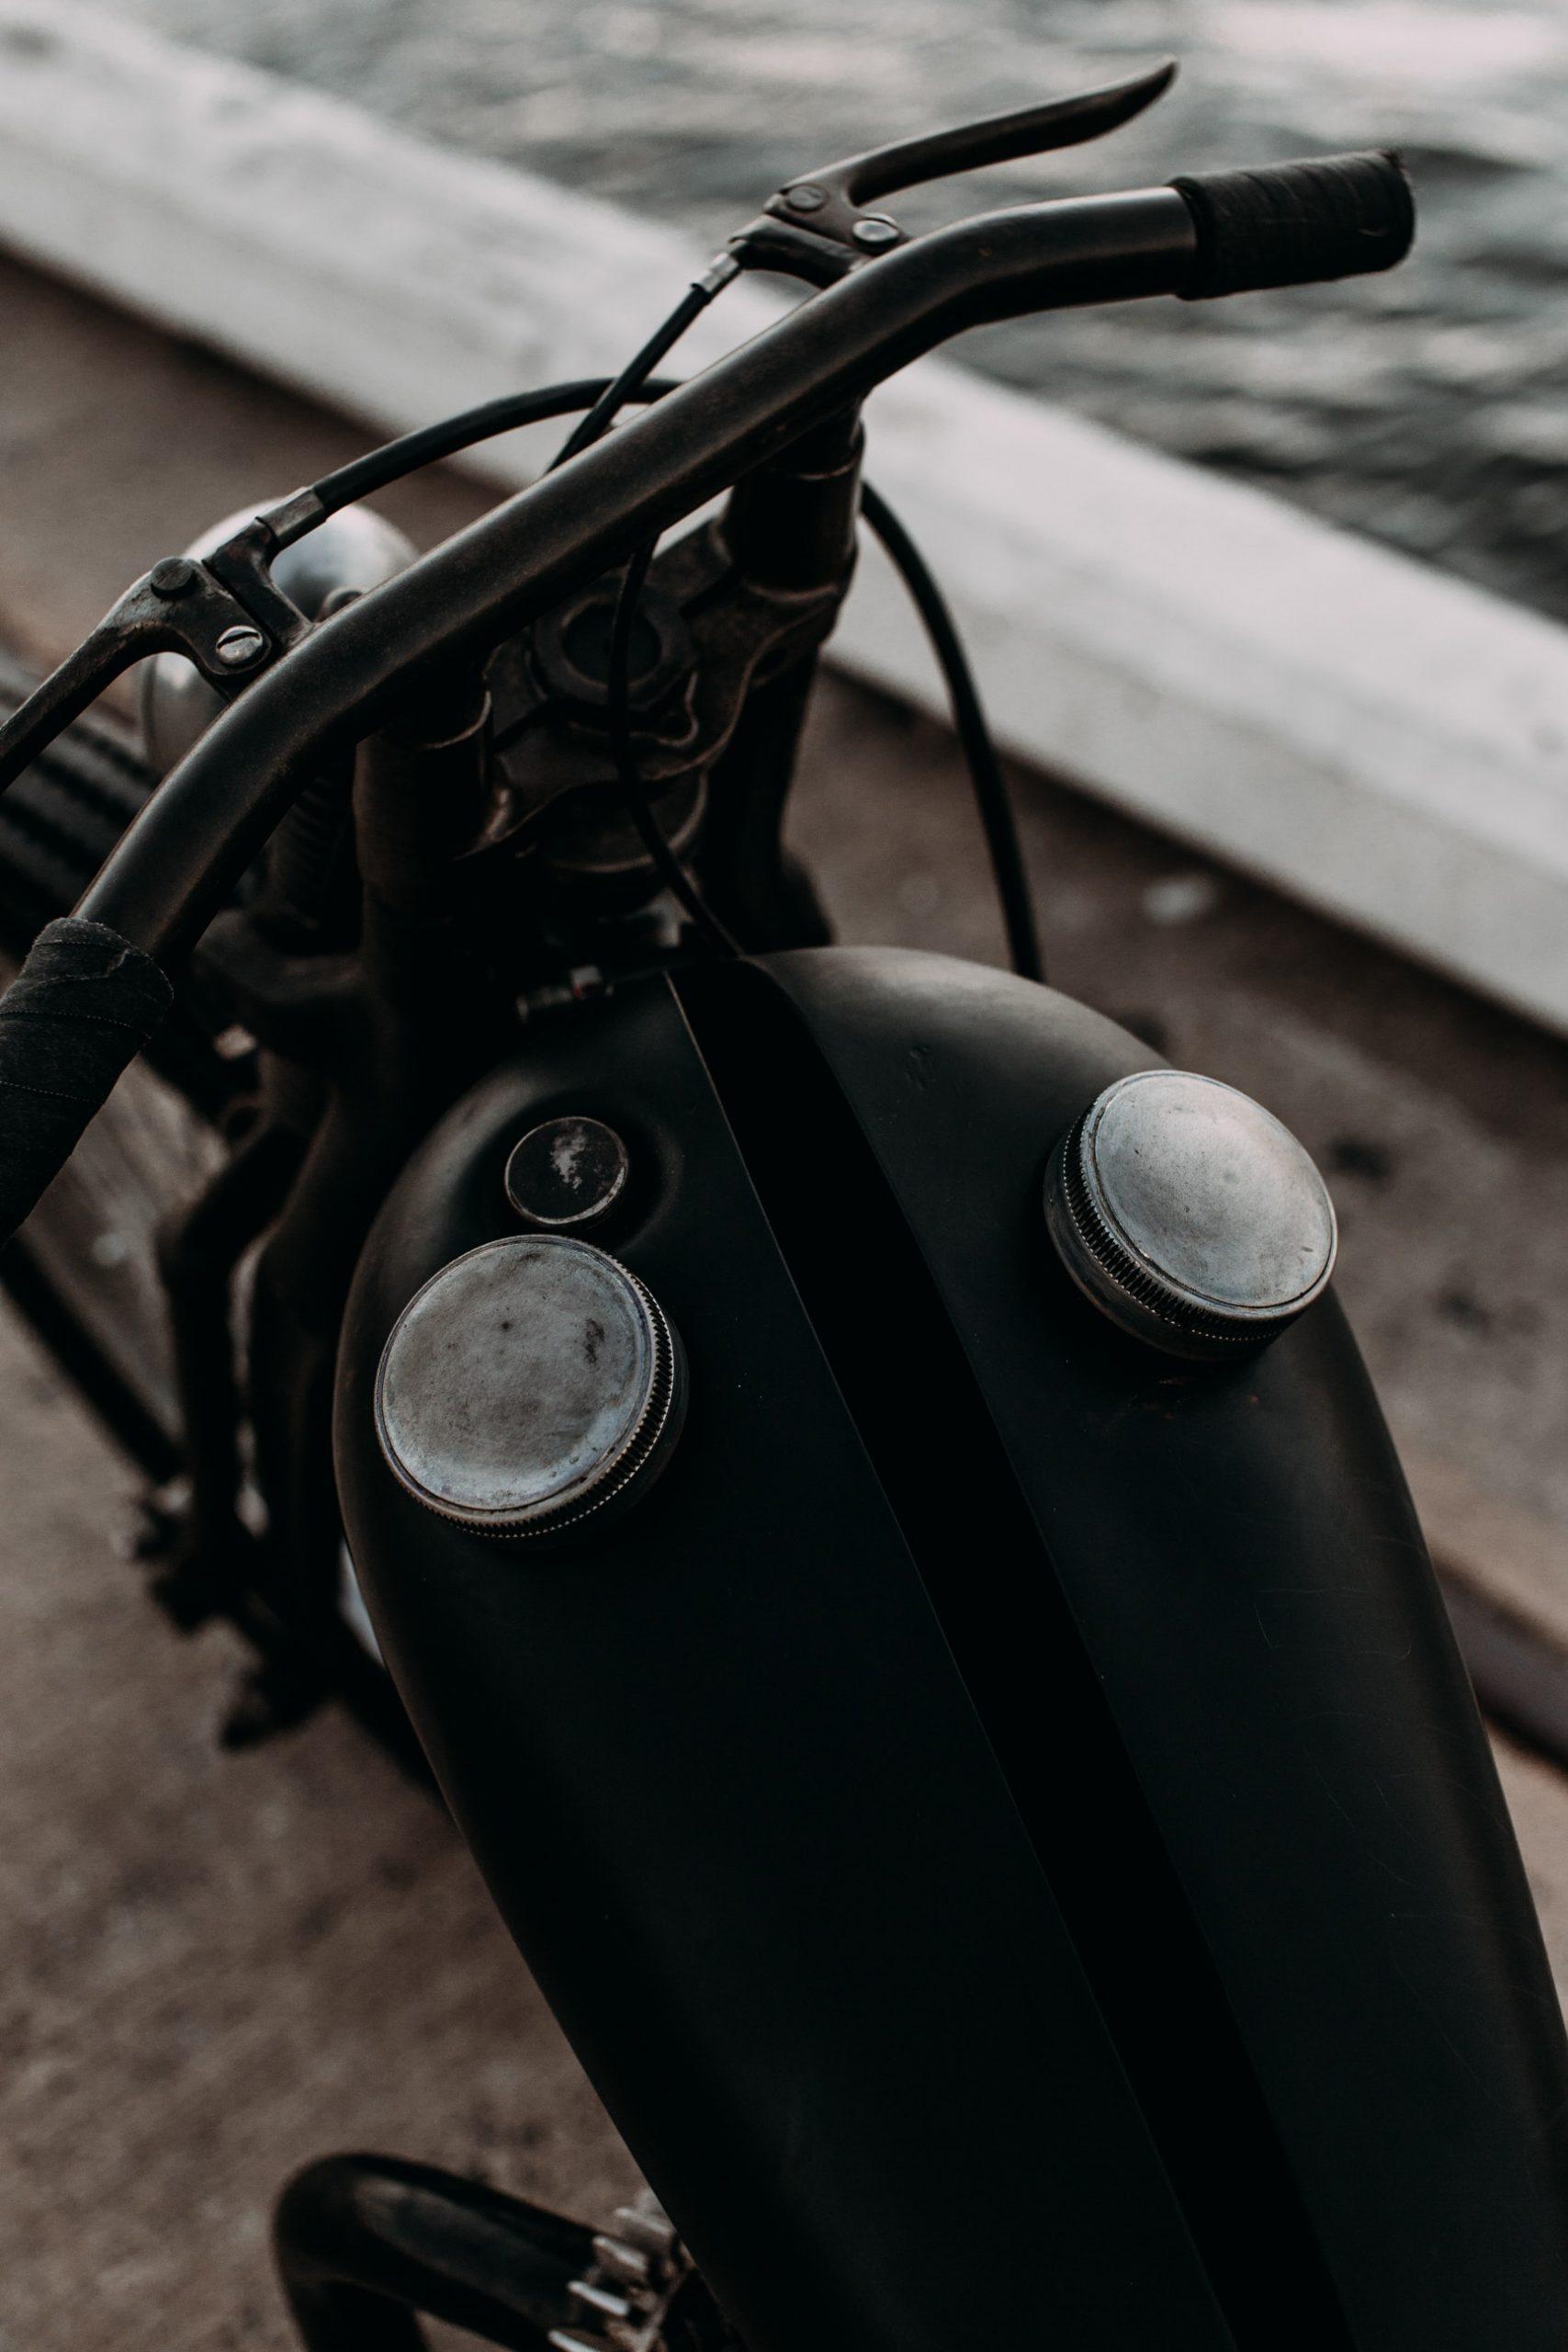 deposito motos